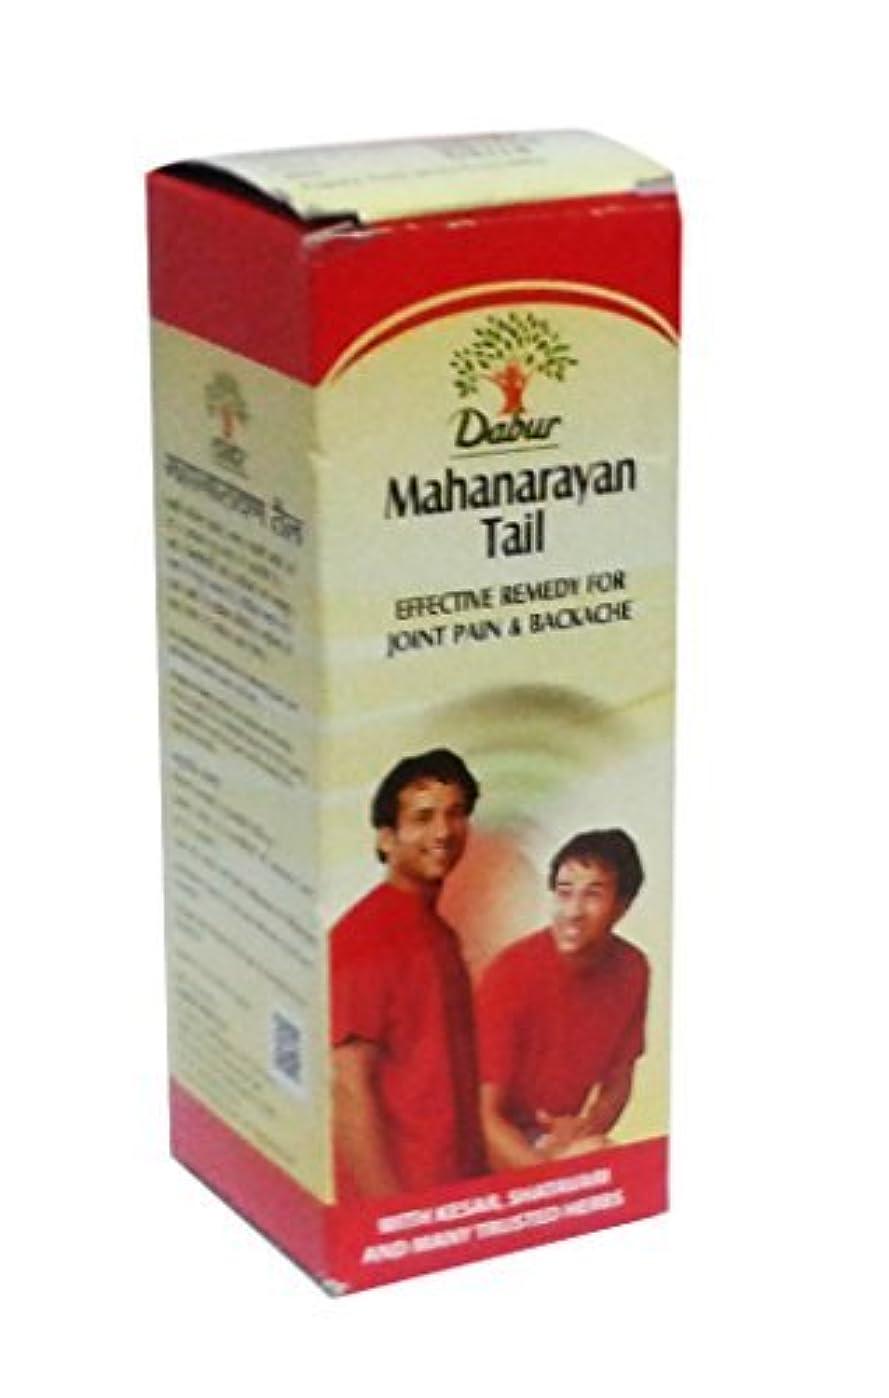 歩行者マスク収入Dabur Mahanarayan Oil 100ml by Dabur [並行輸入品]